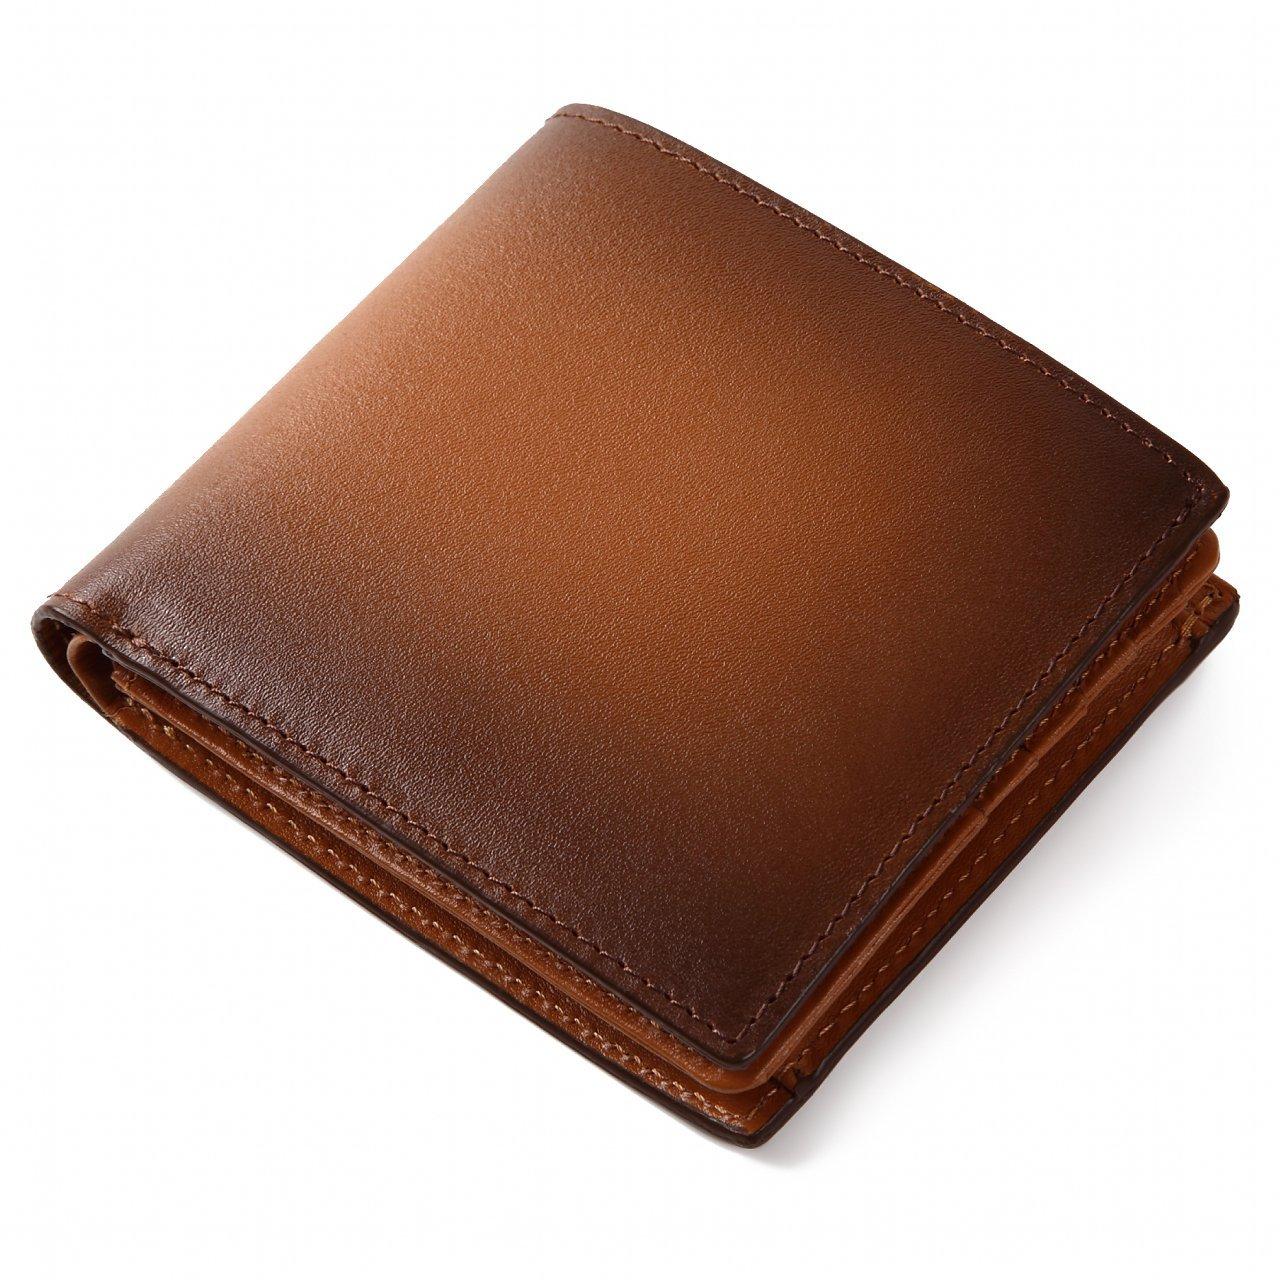 (ラファエロ) Raffaello 一流の革職人が作る スフマート製法で仕立てたメンズ二つ折財布 B01GT72X4I ロイヤルブラウン ロイヤルブラウン